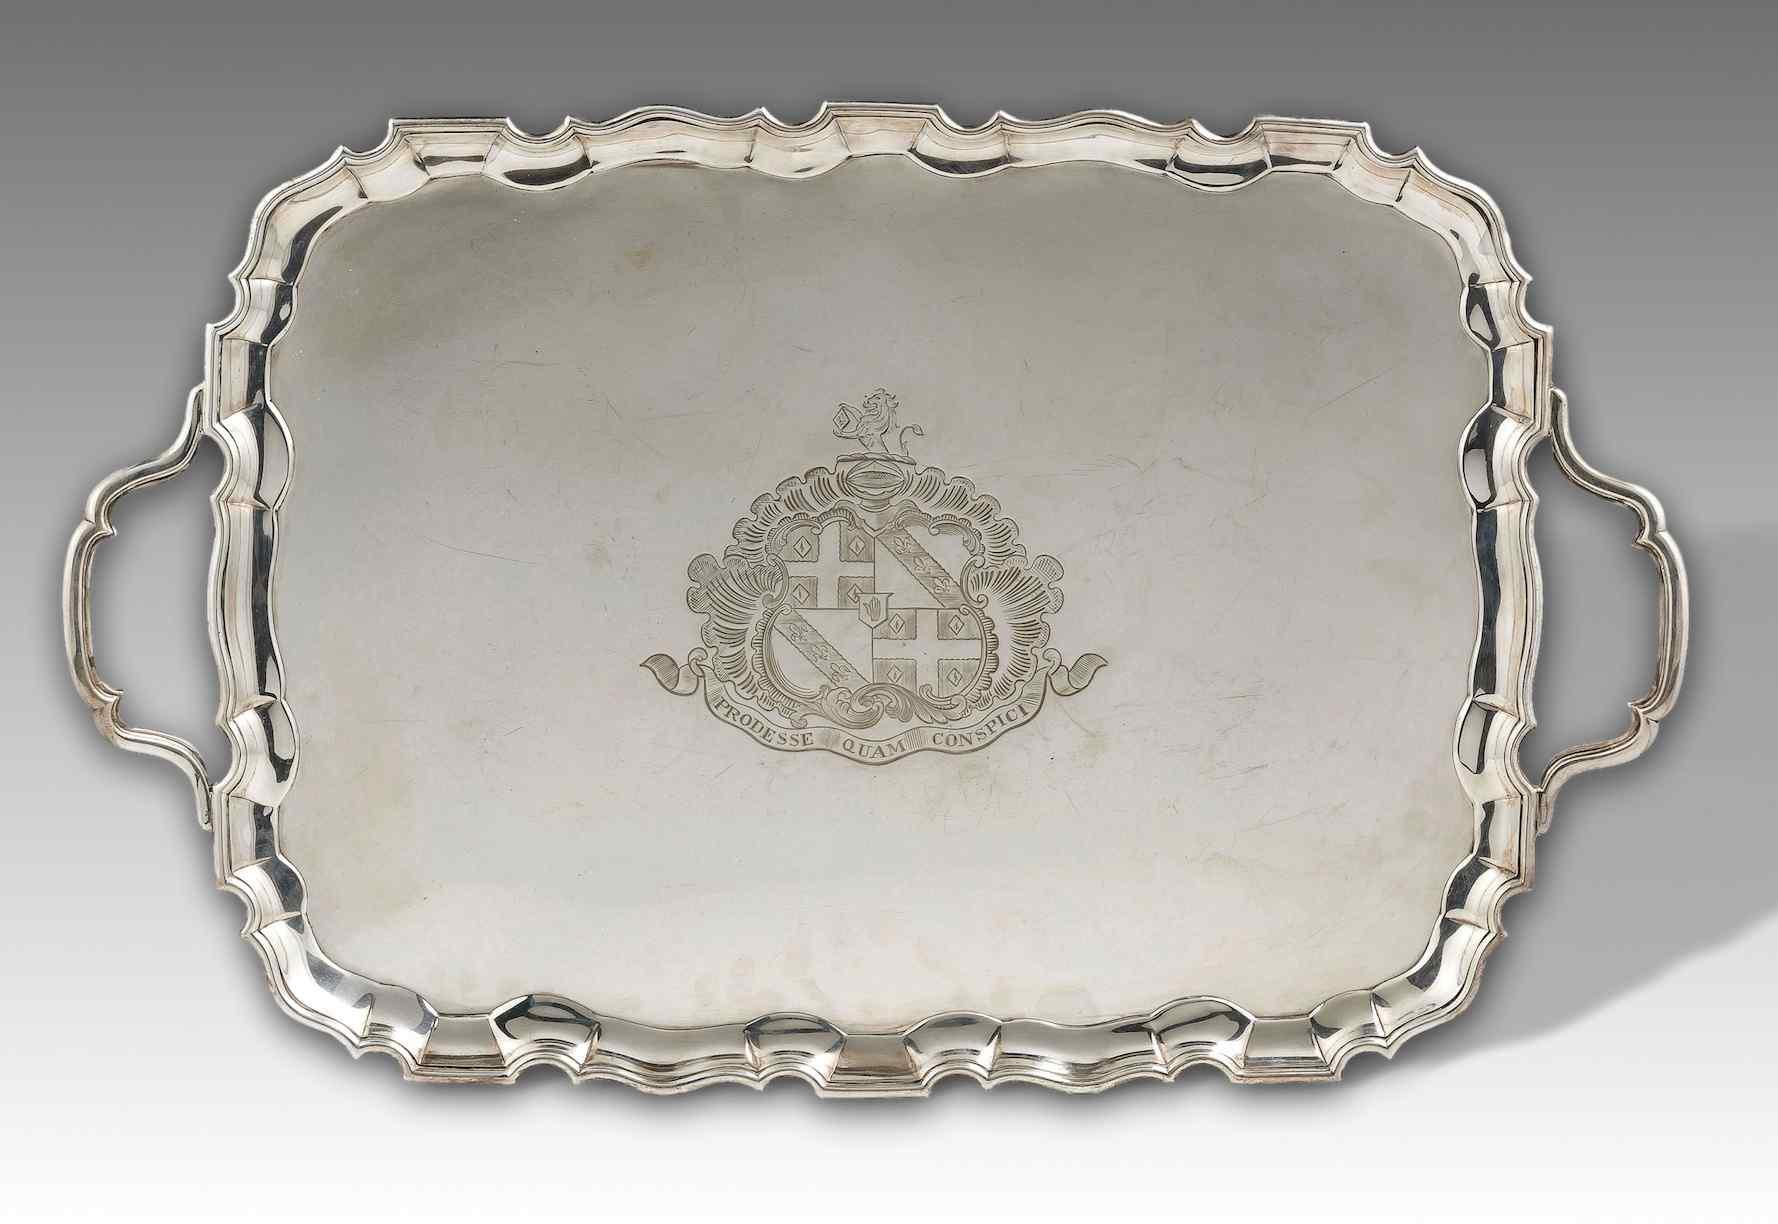 Vassoio in argento 925/°°°, Inghilterra- Londra, 1779